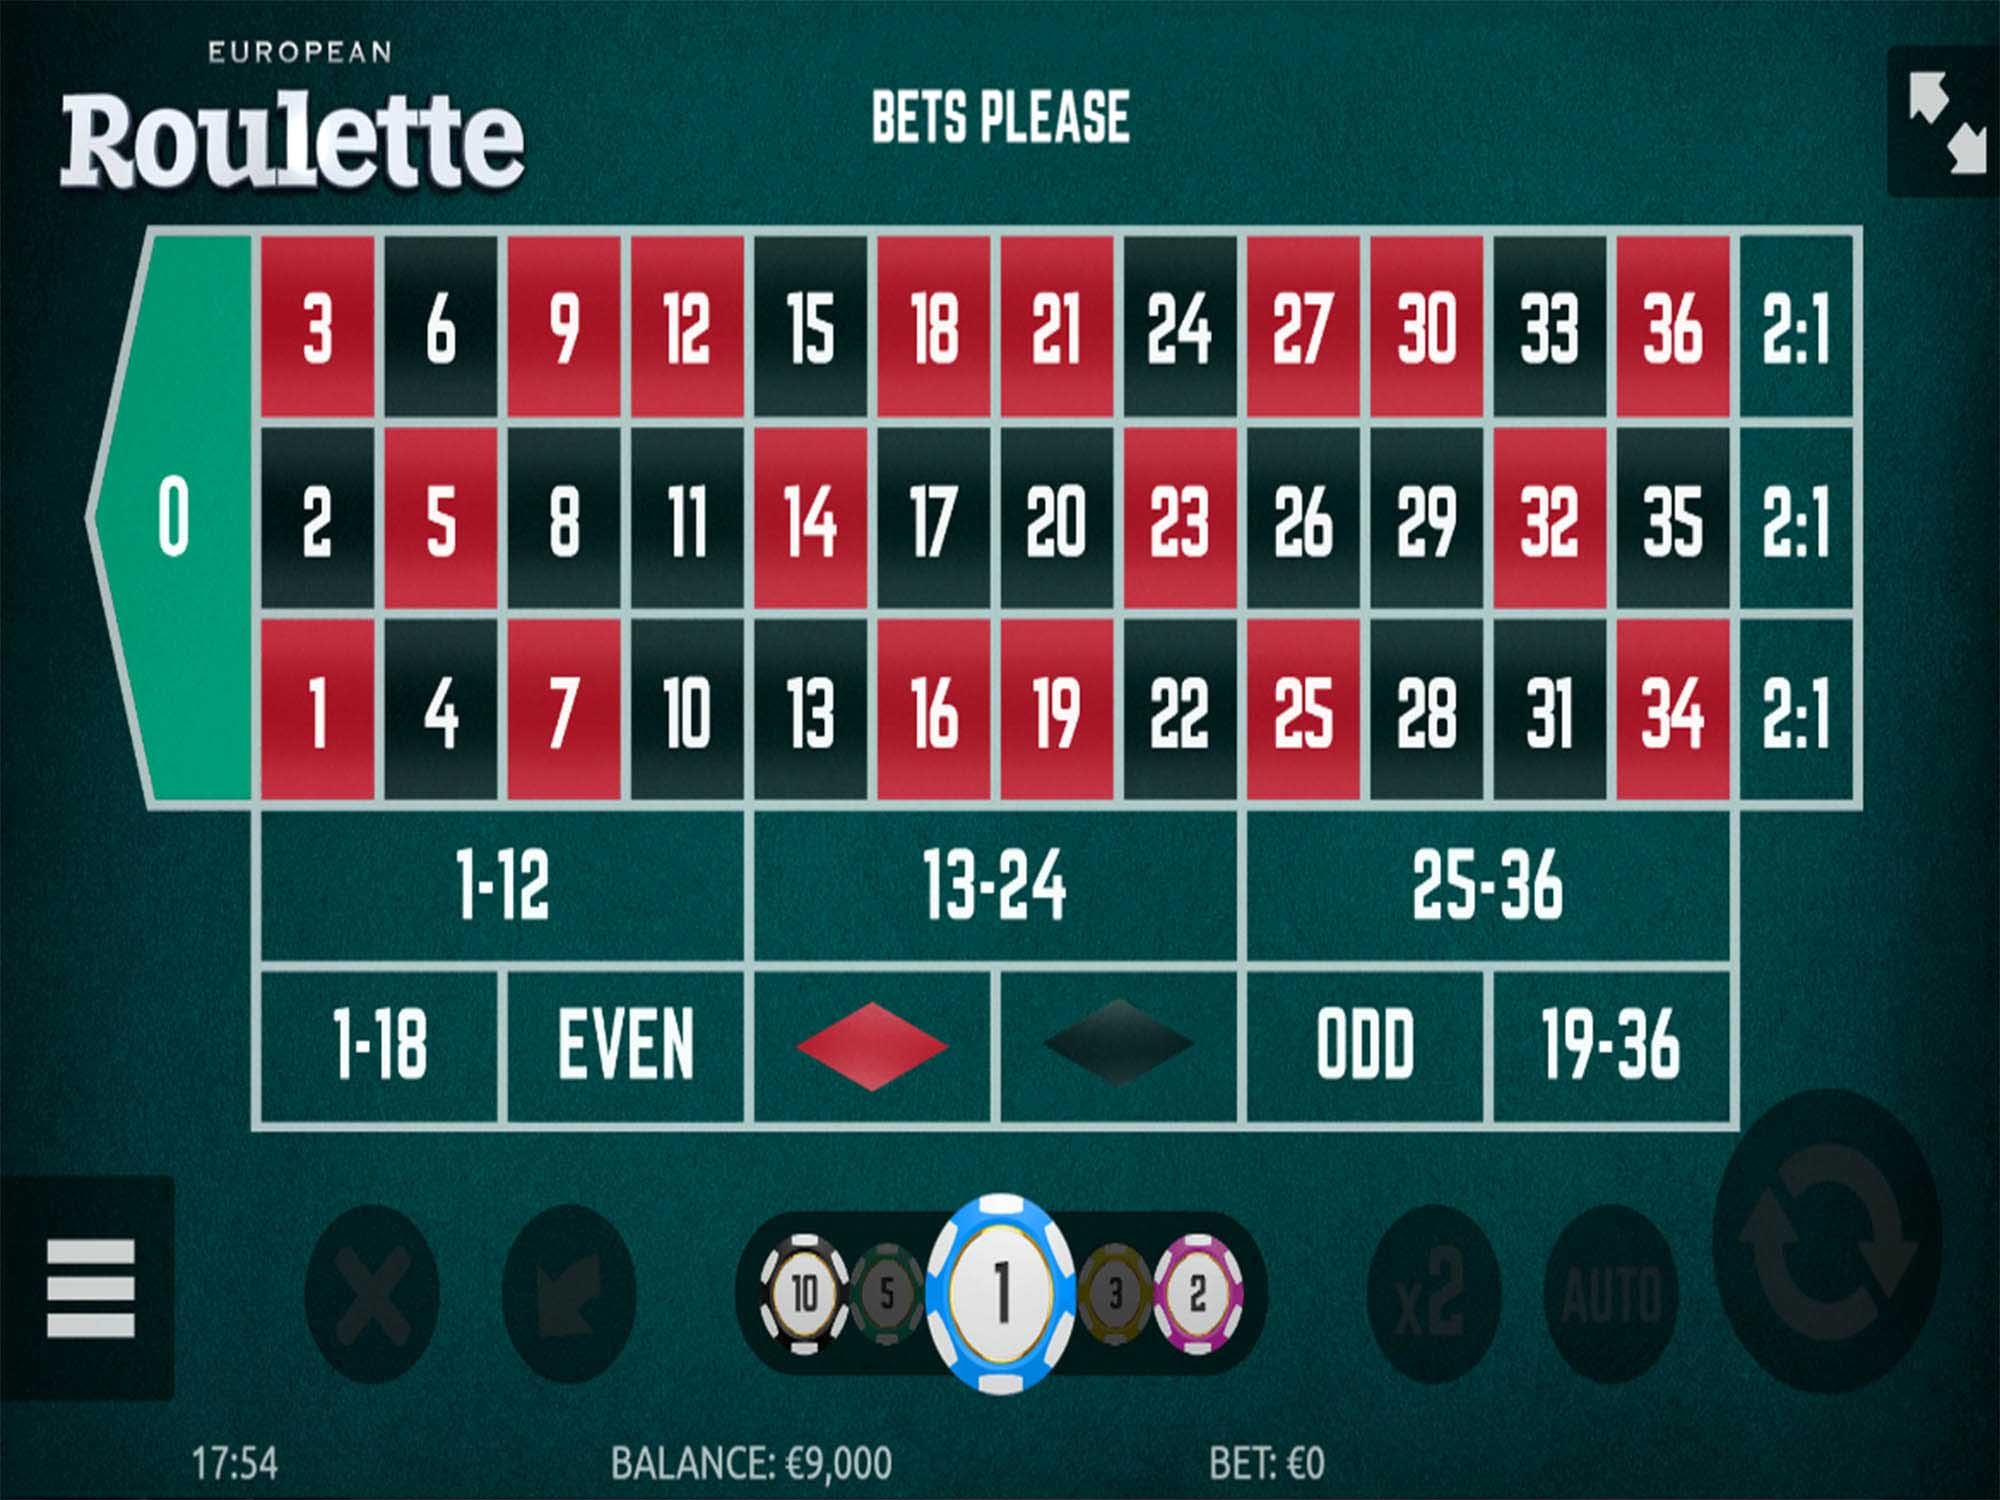 European Roulette screenshot